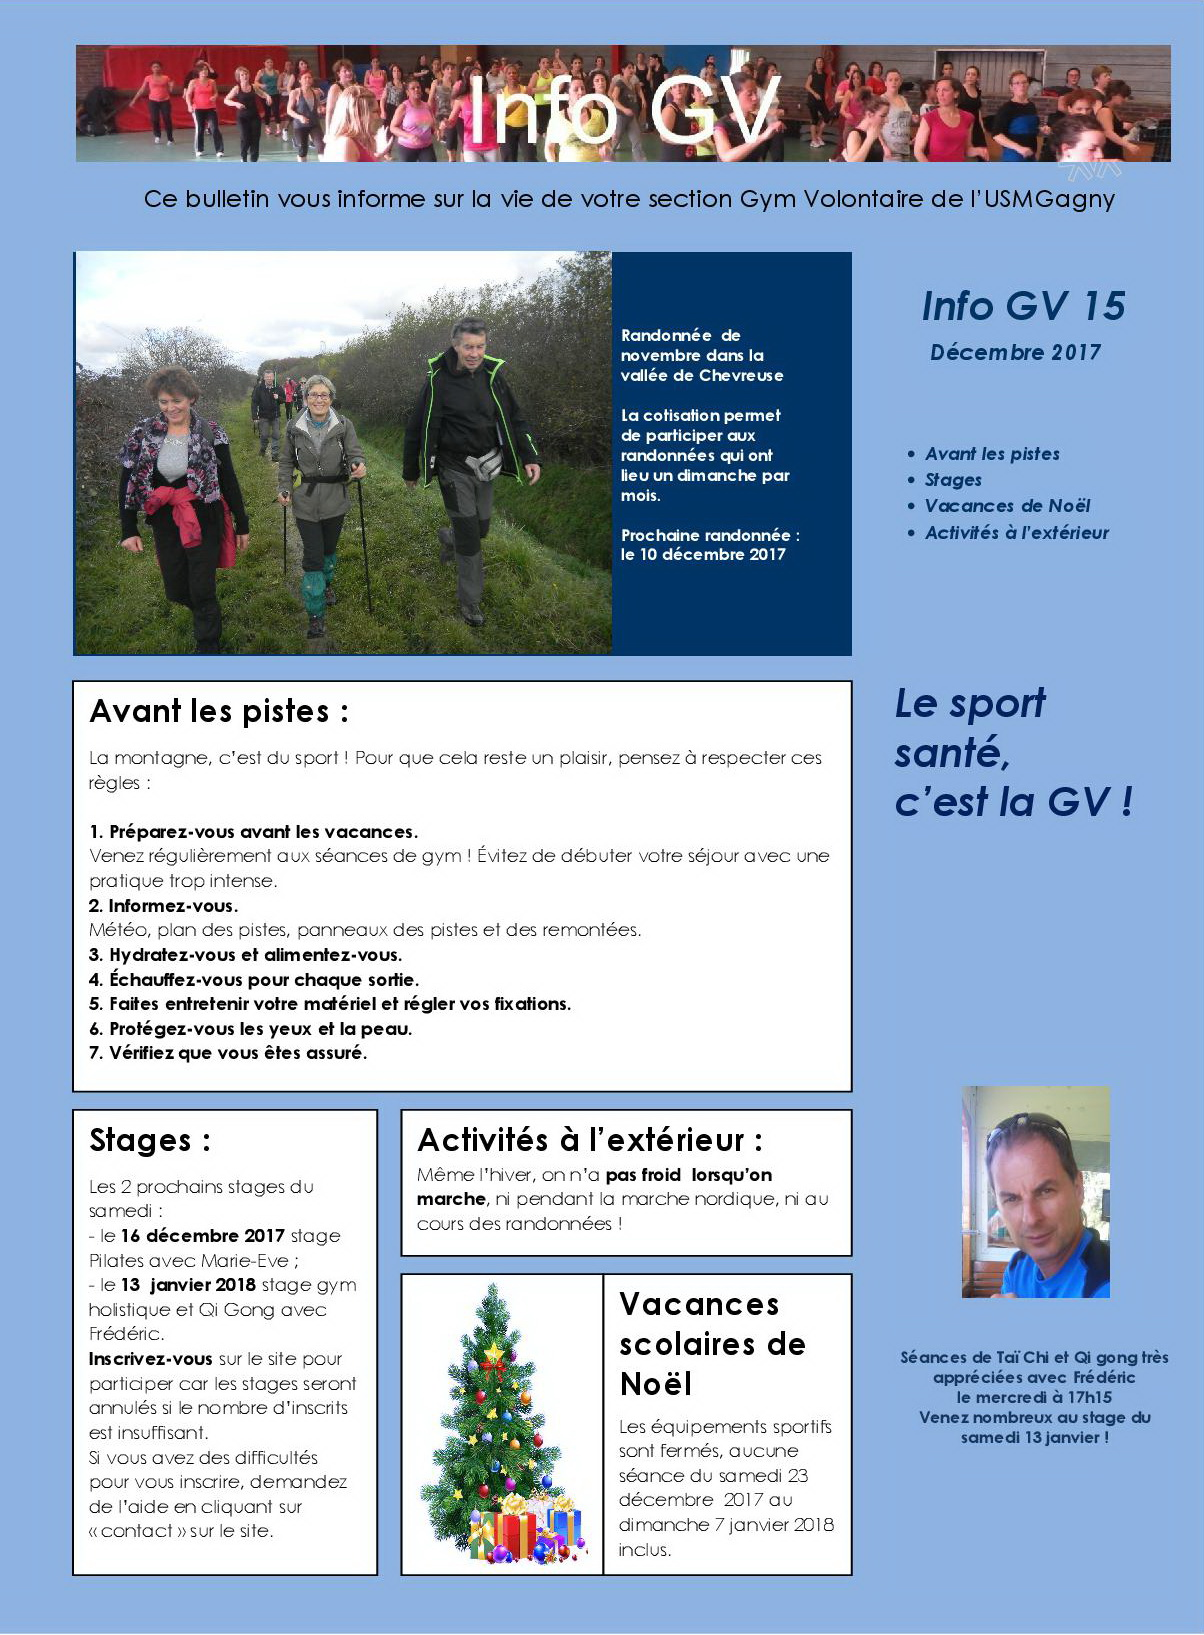 Info gv 15